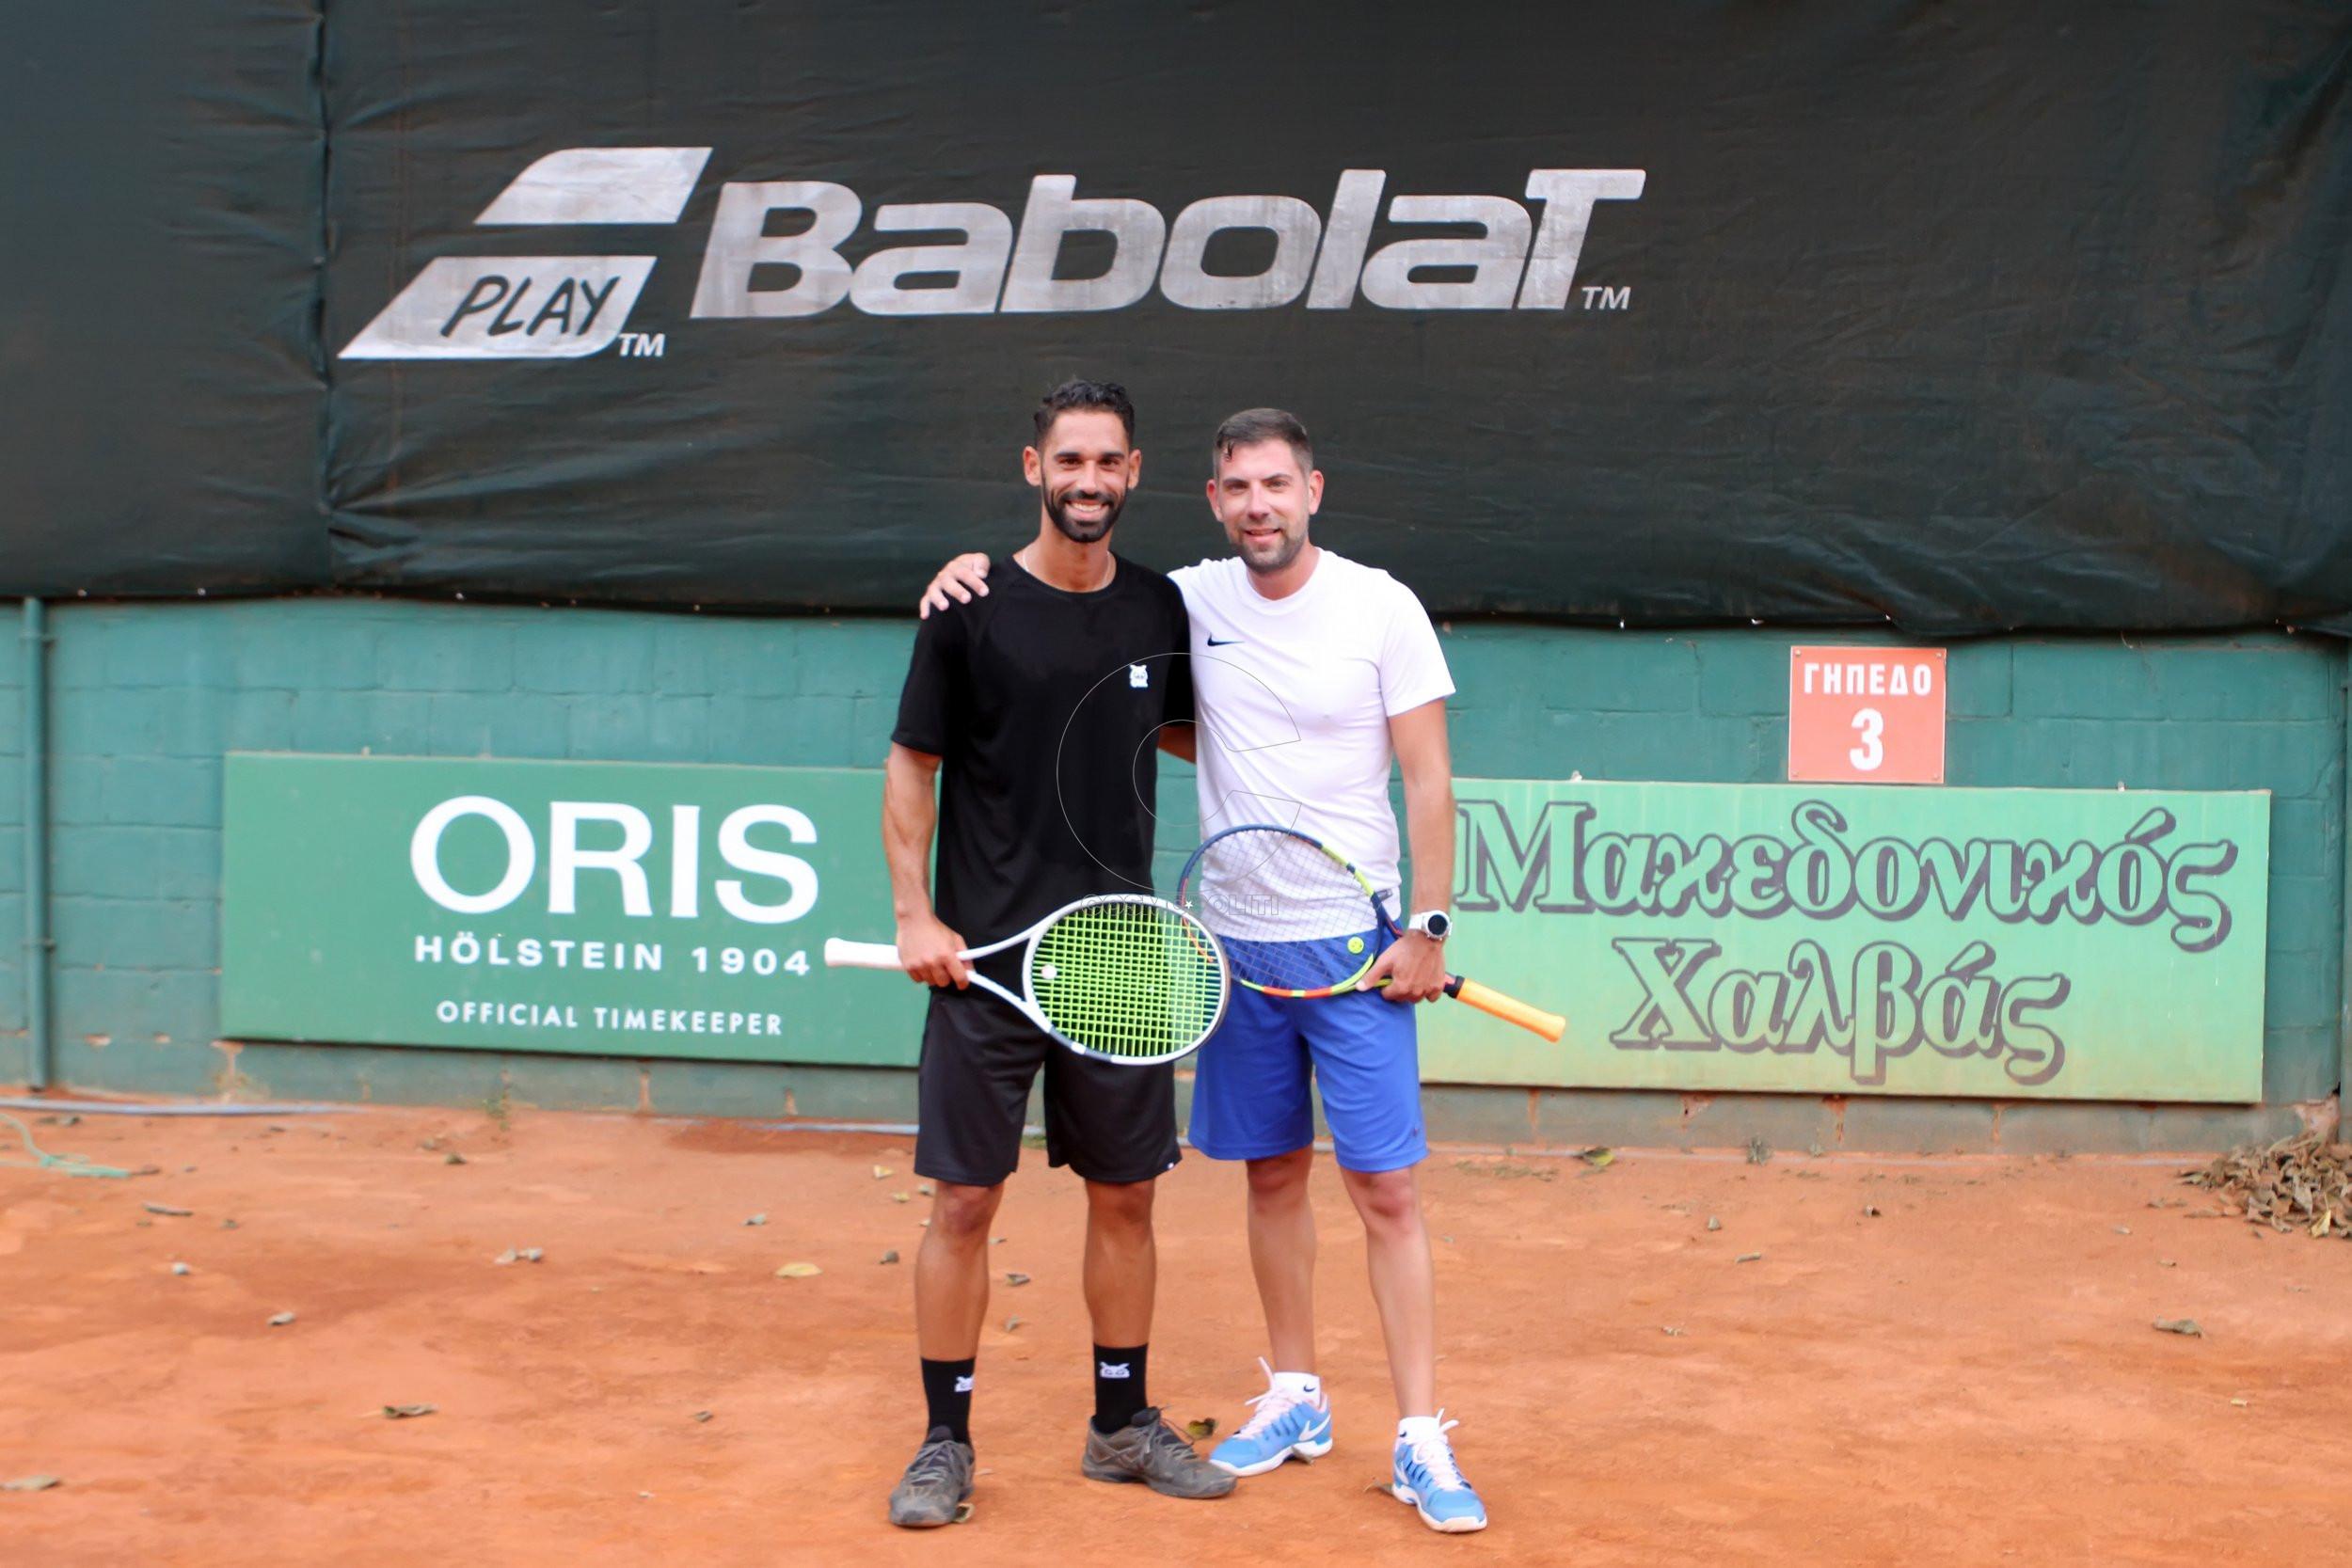 2 Οι αθλητές Αλέξανδρος Κρυστάλλης & Δημήτρης Γκάσιος